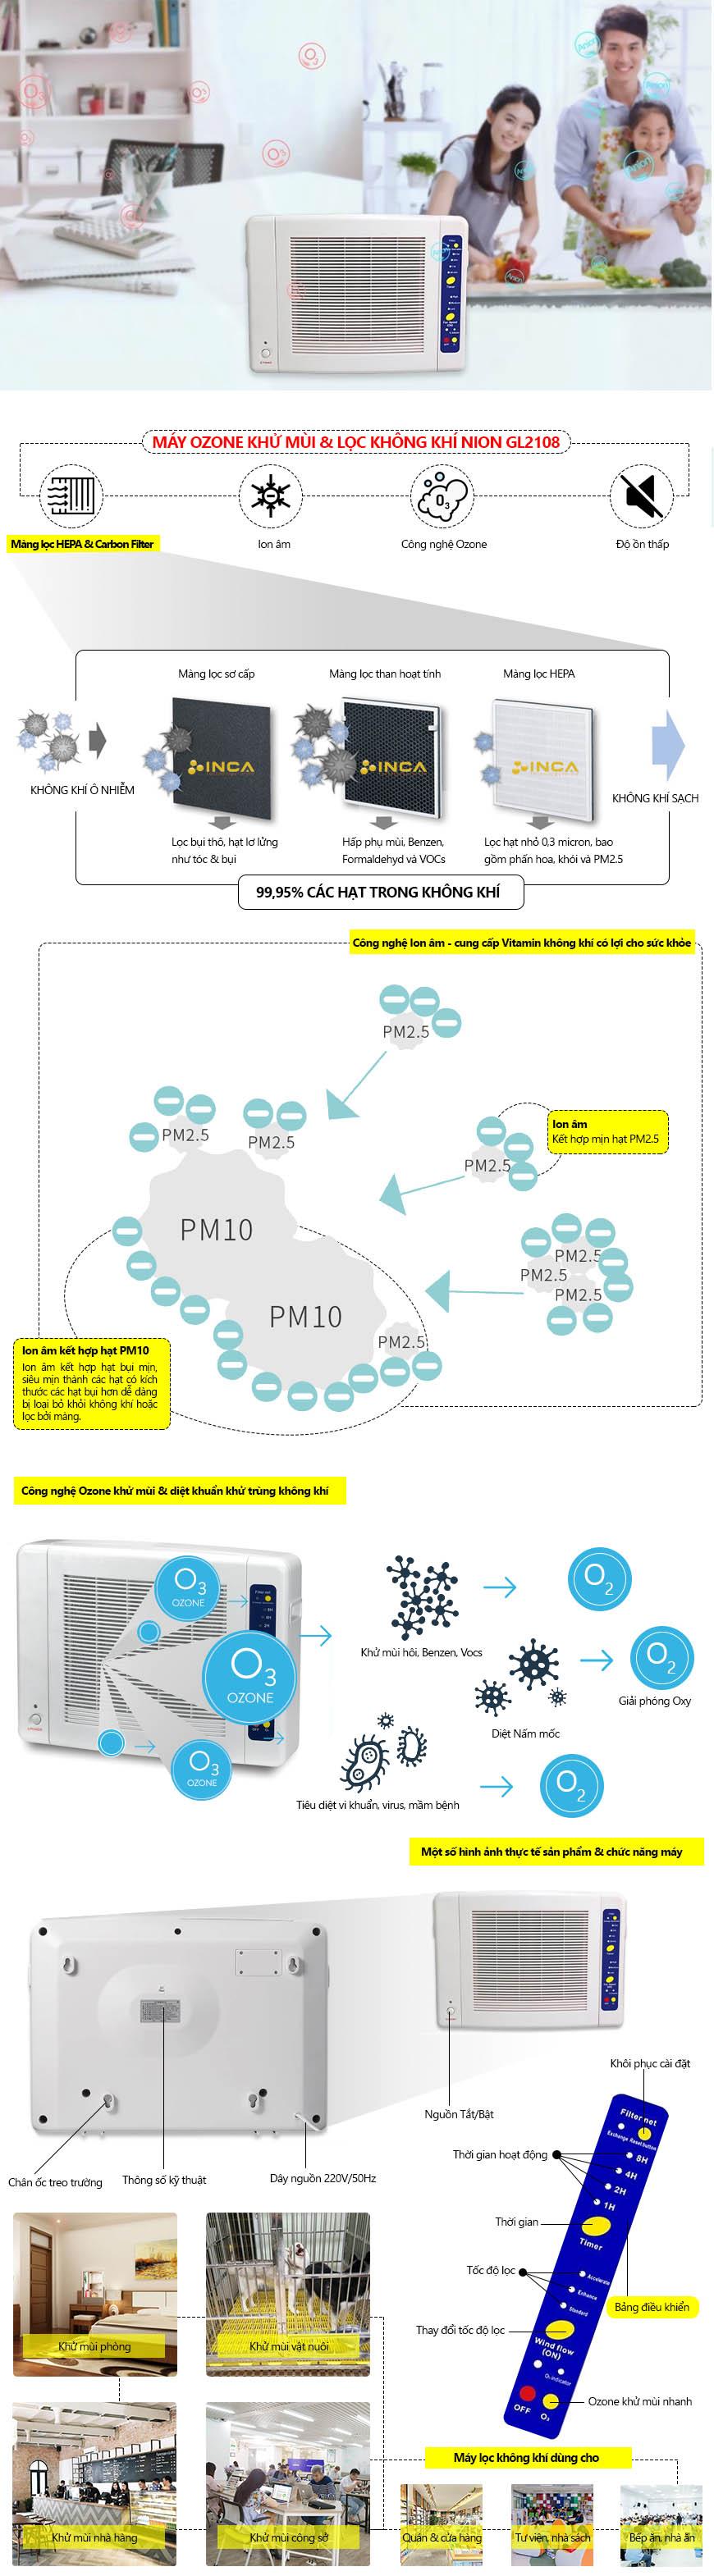 giới thiệu Máy ozone khử mùi & lọc không khí Nion GL2108